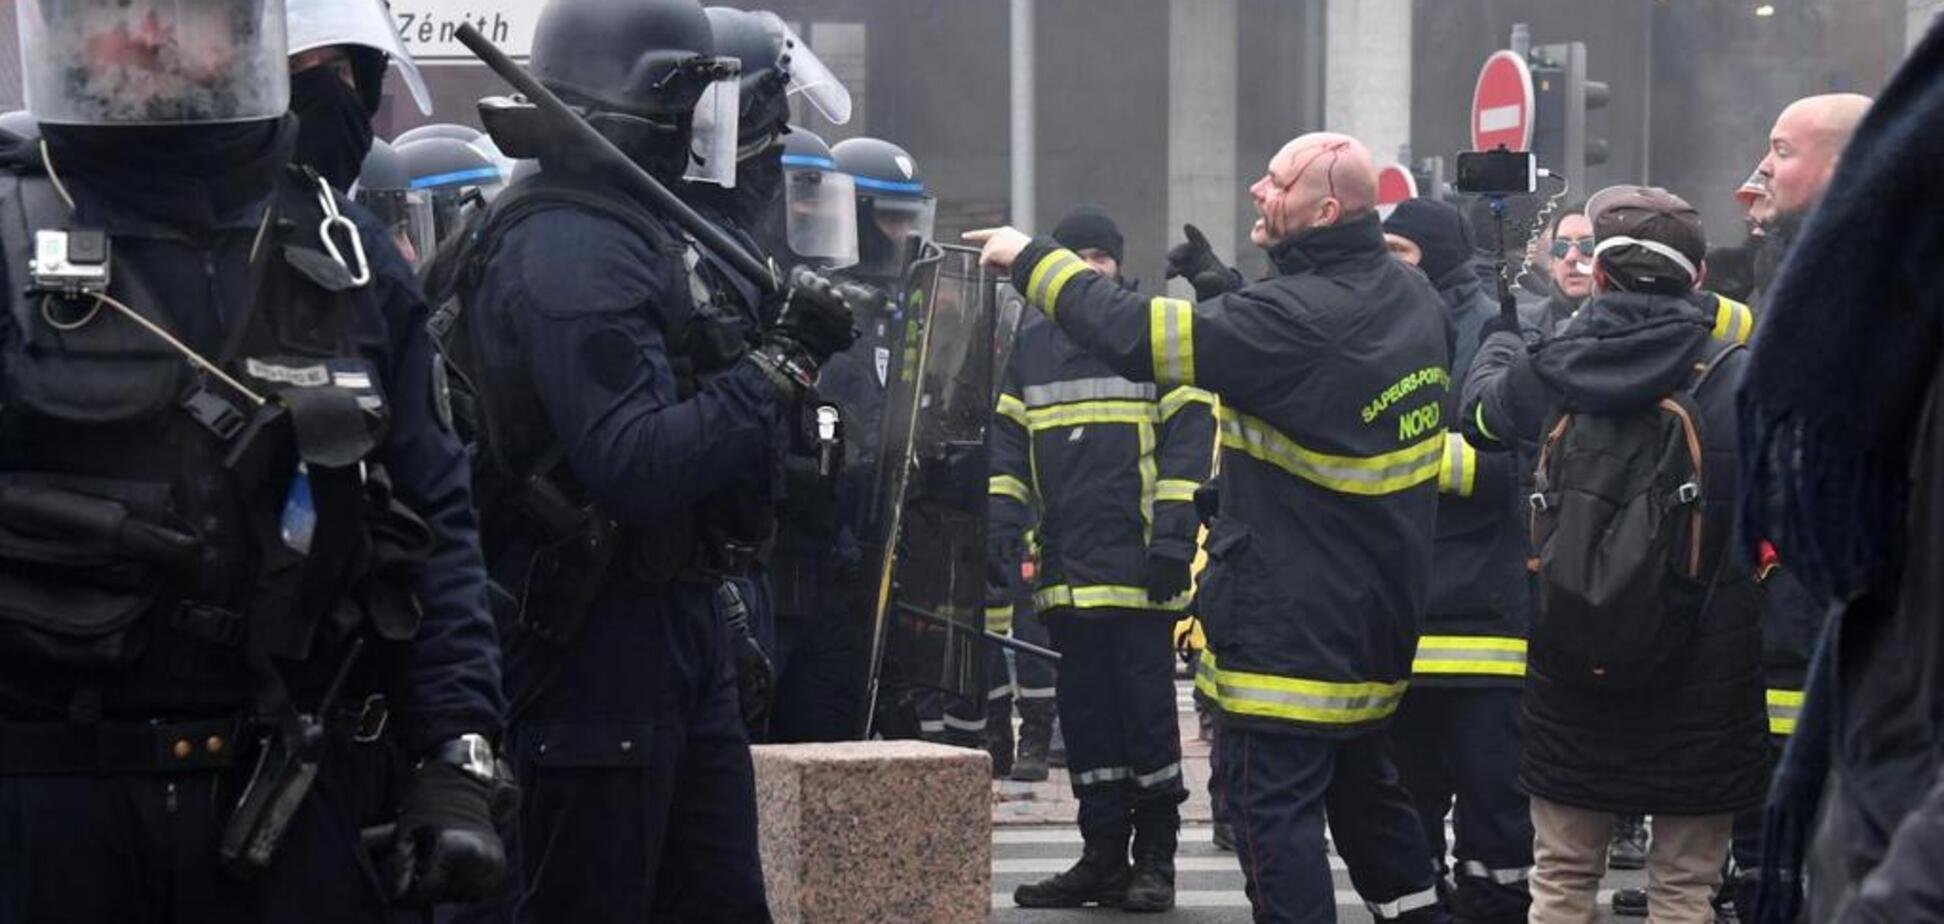 Во Франции пожарные устроили массовую драку с полицией из-за денег: фото и видео протестов